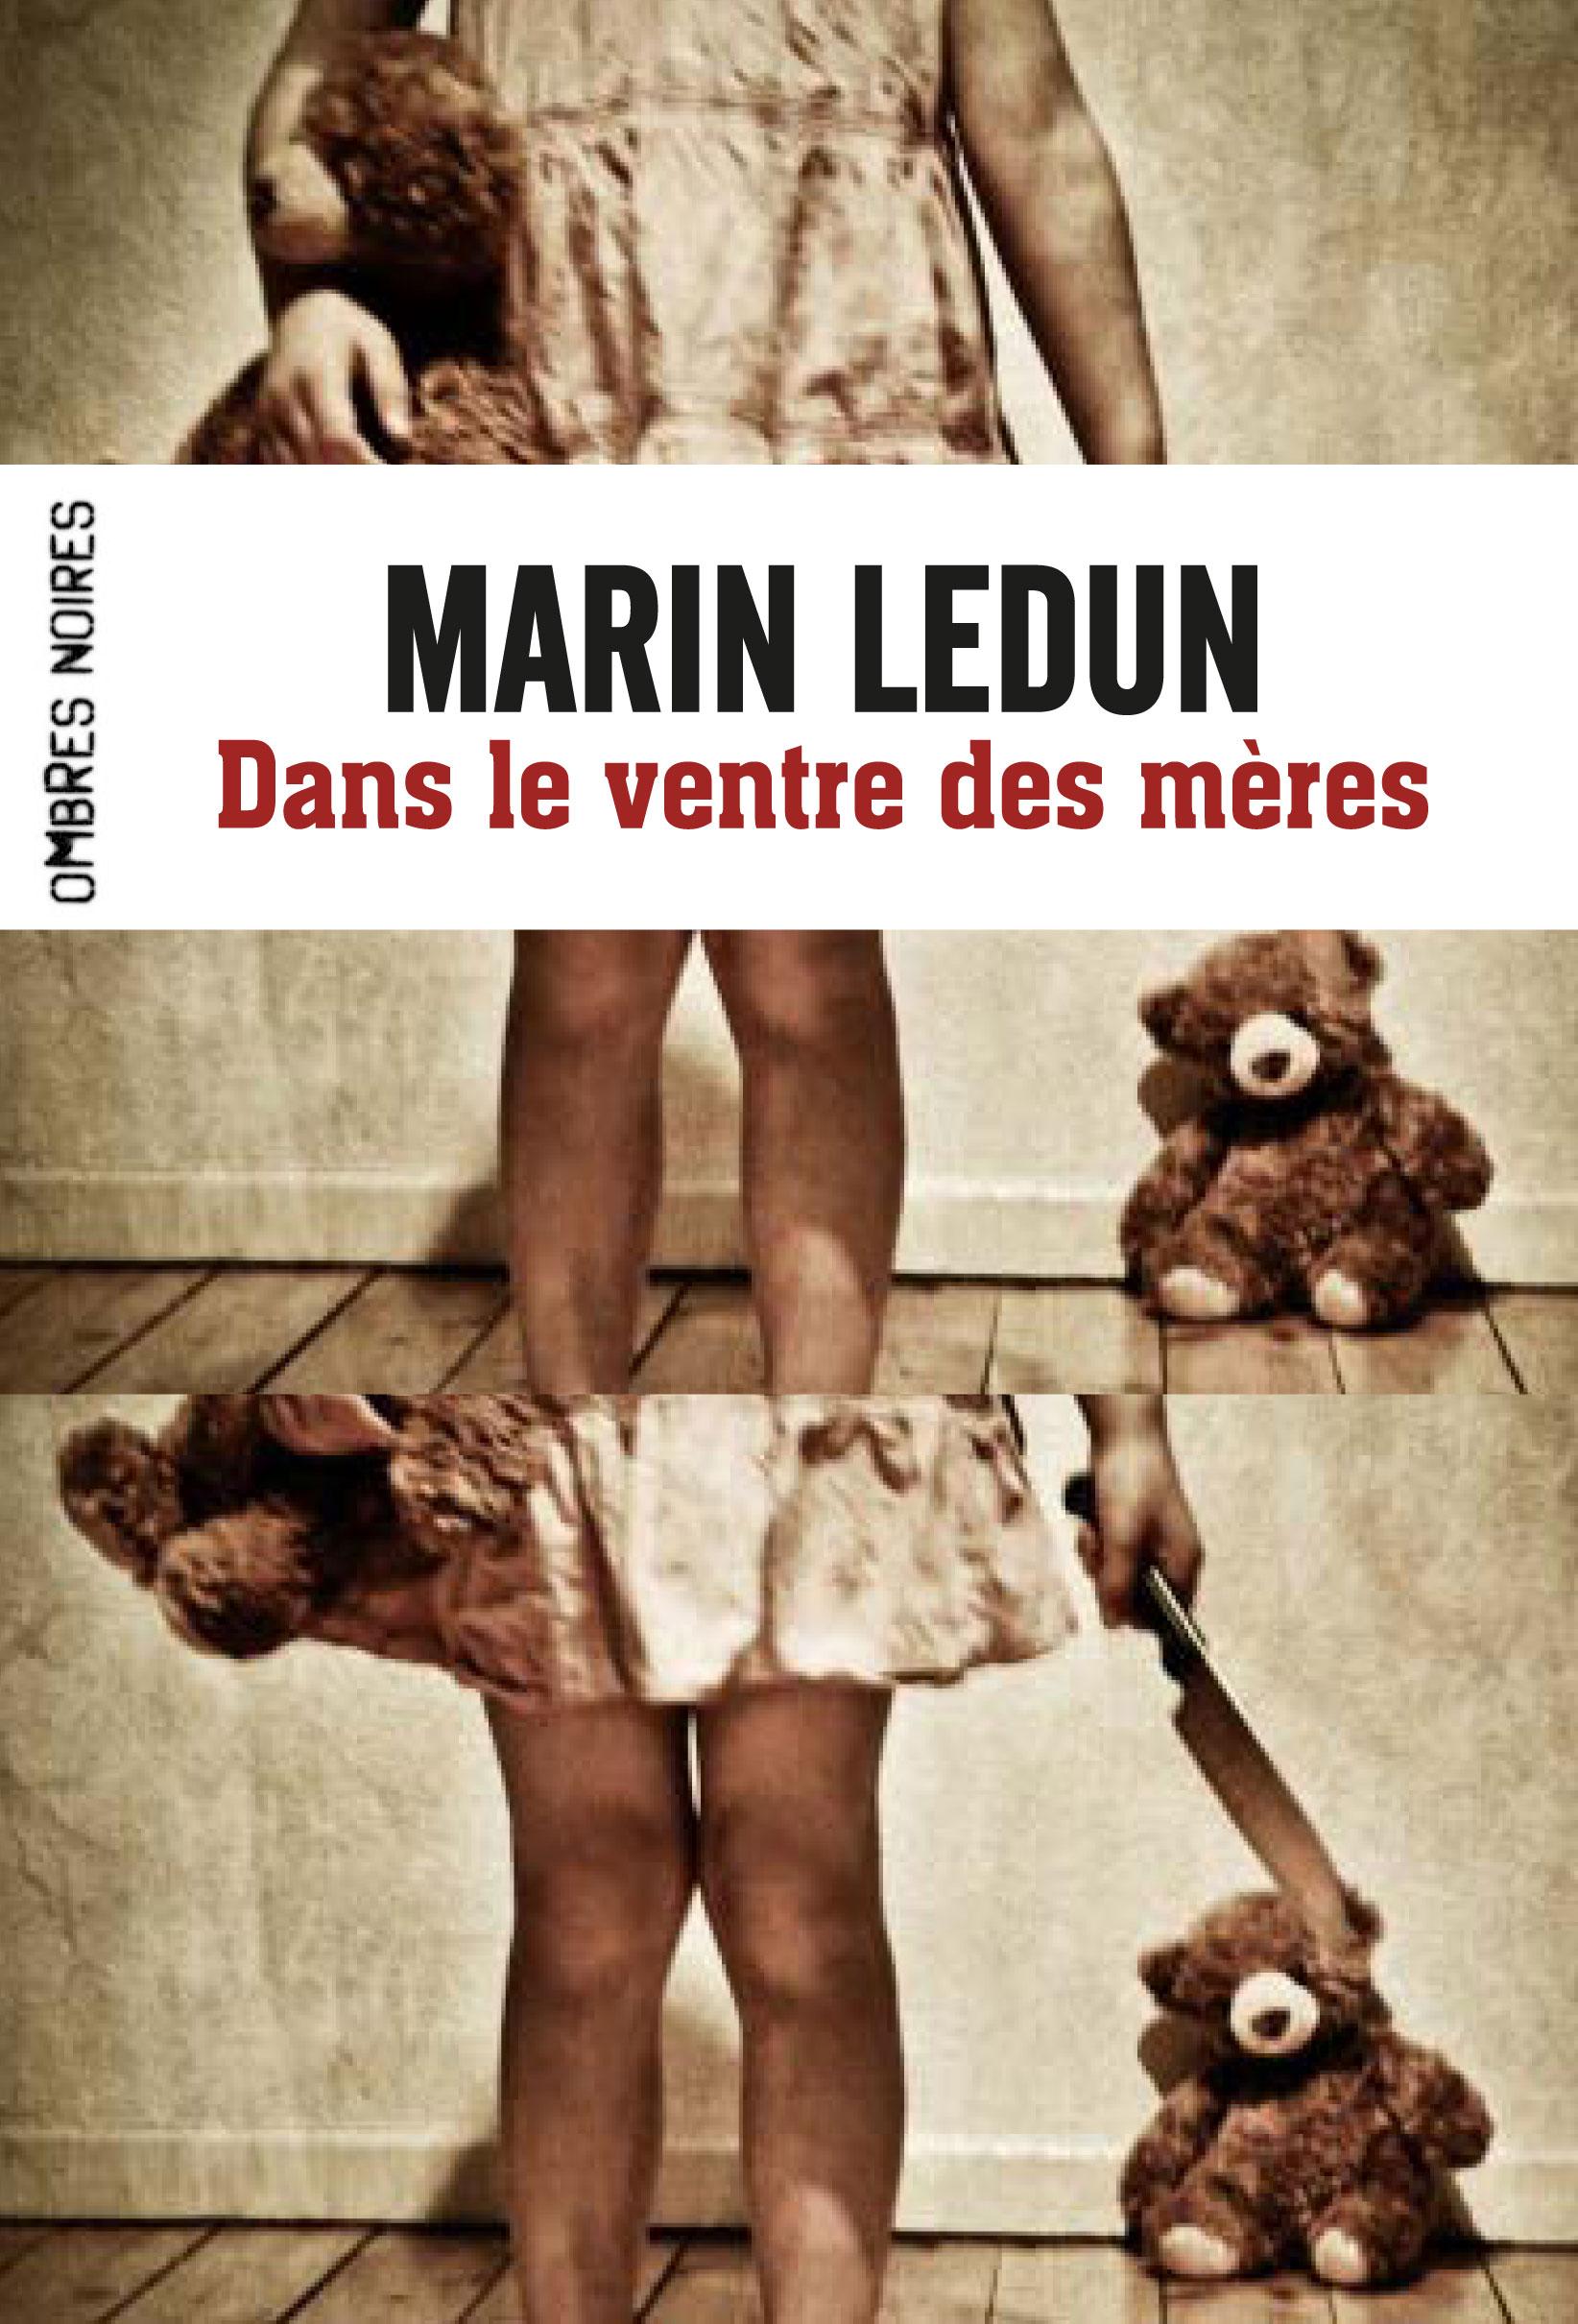 Dans le ventre des mères Marin Ledun